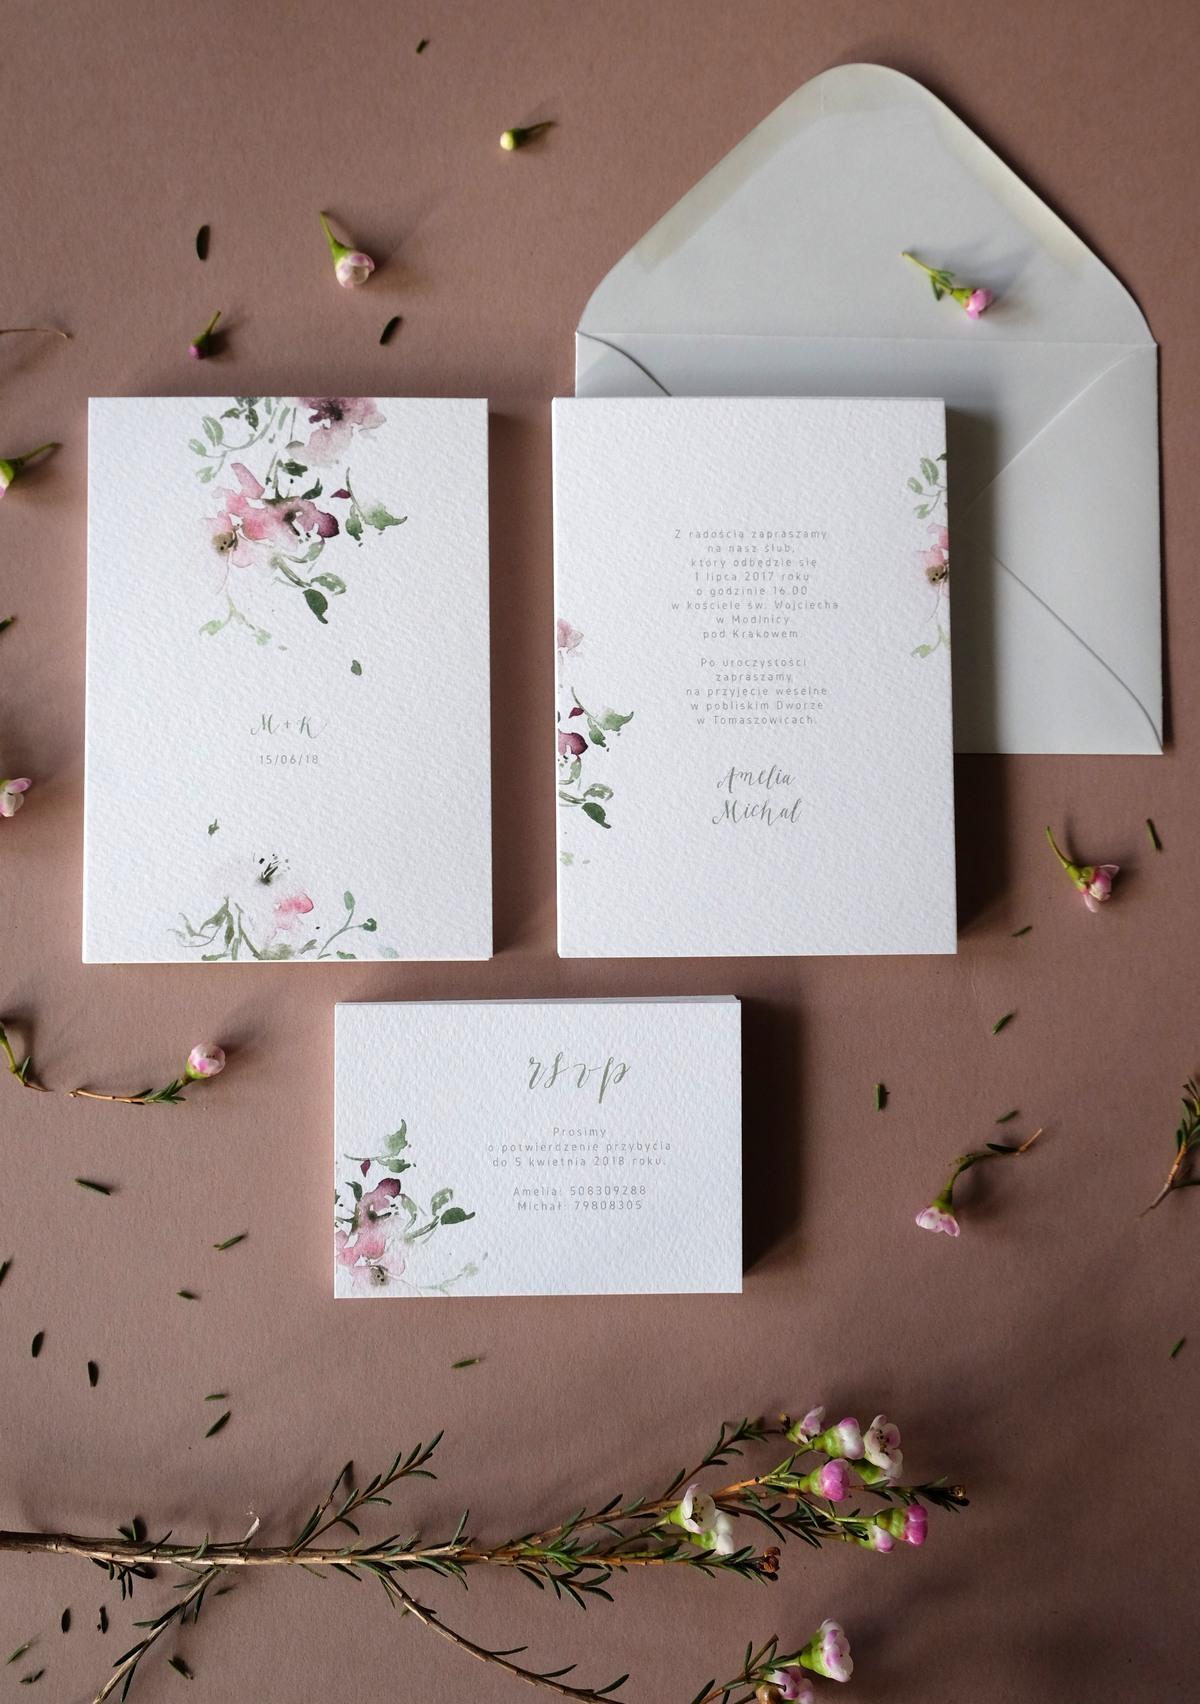 Oryginalne-Zaproszenia-Ślubne-z-Motywem-Kwiatowym-Verona1